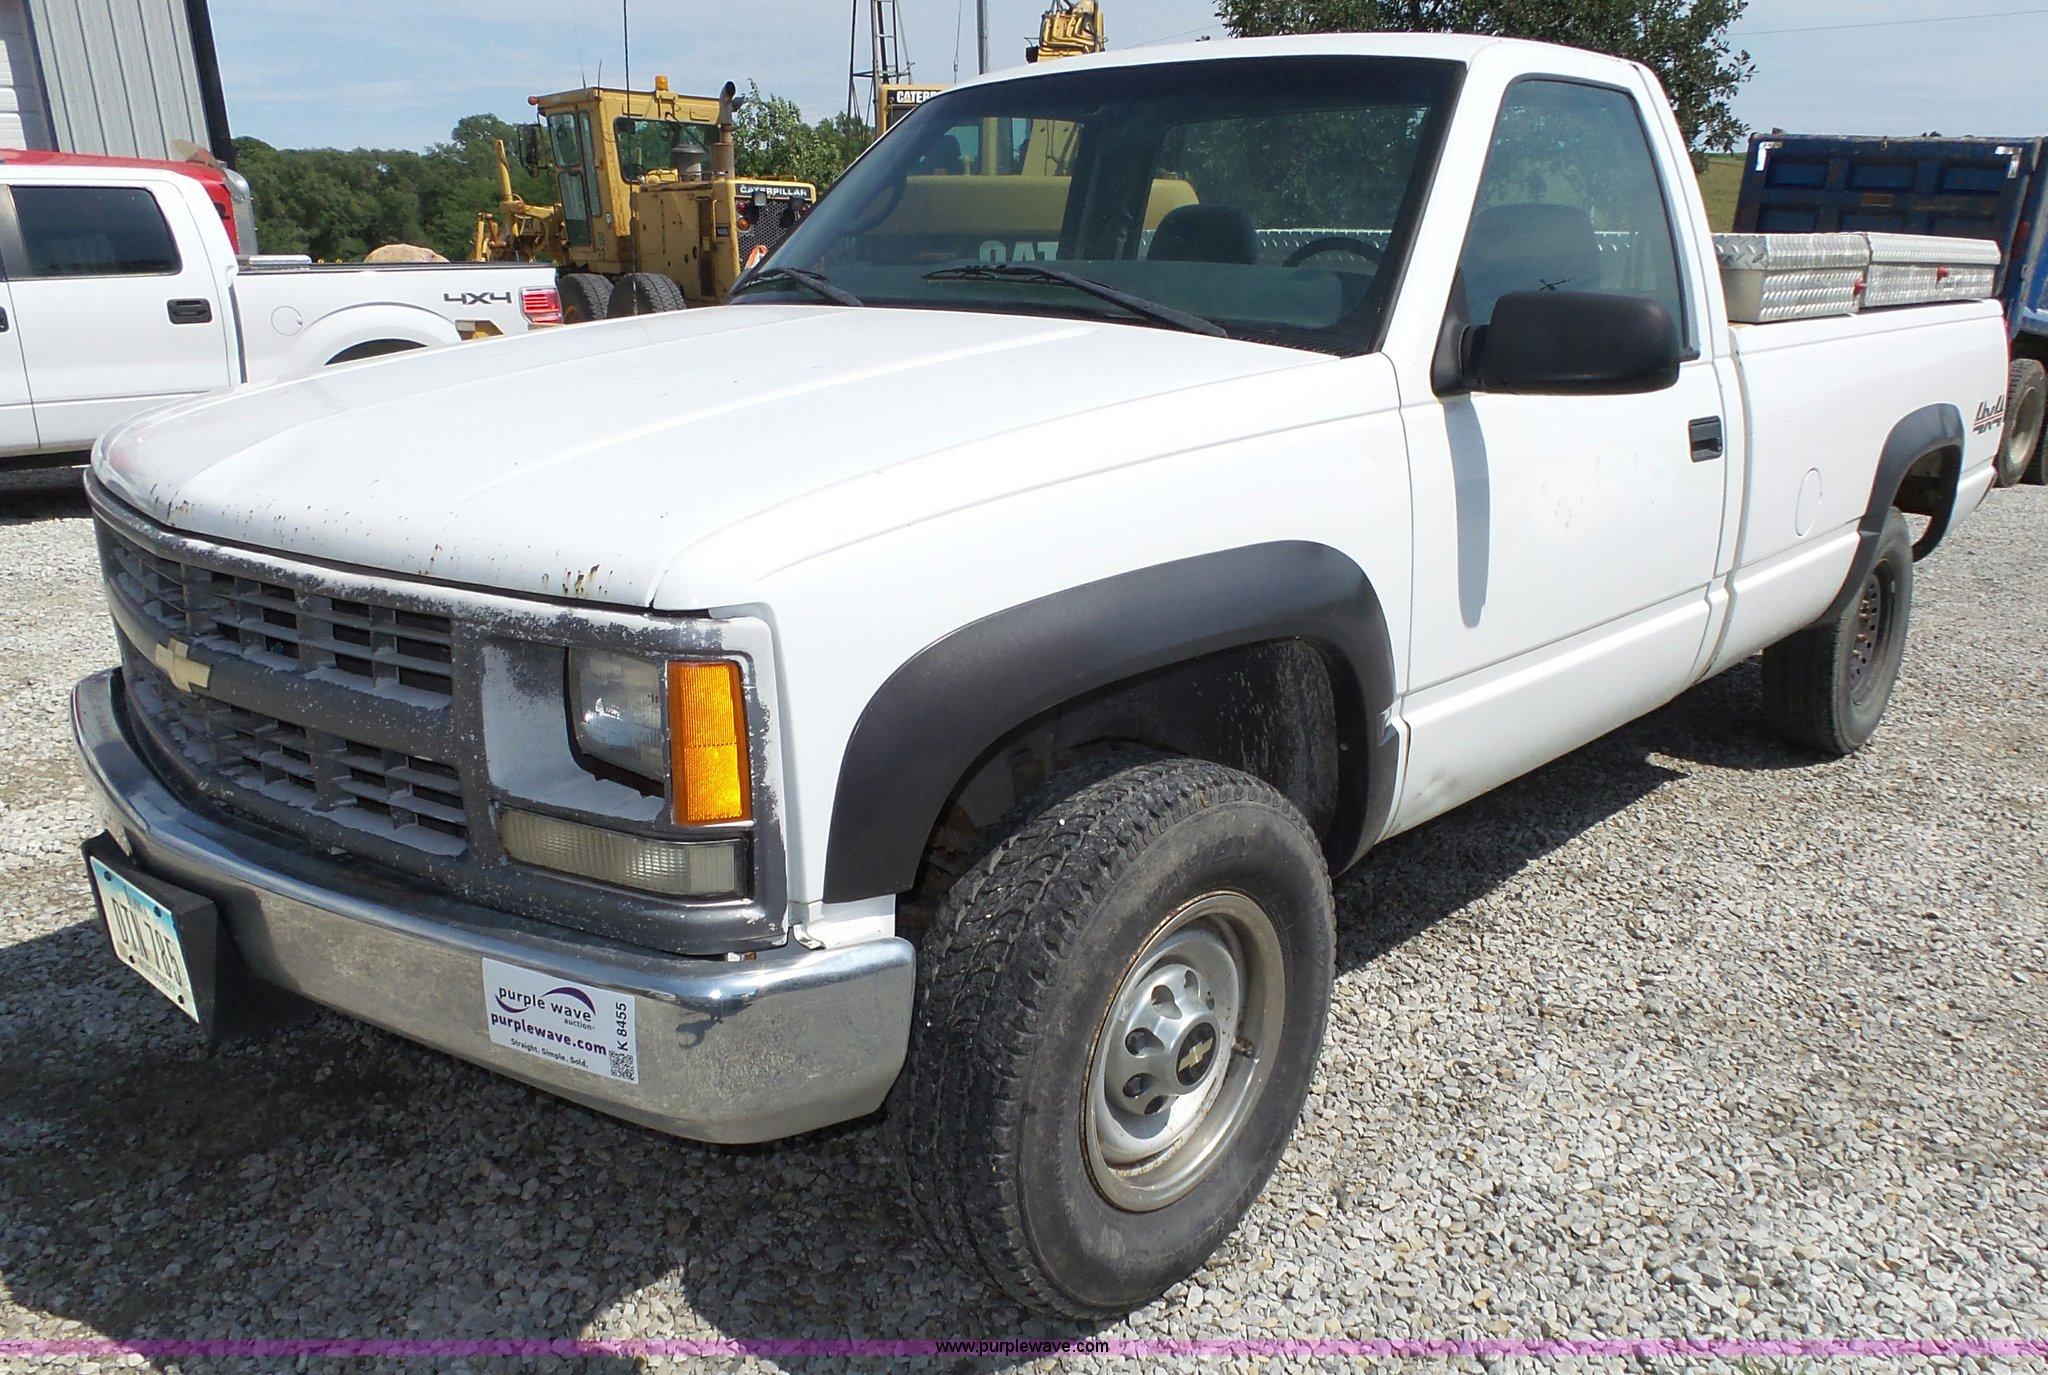 2000 Chevrolet K2500 pickup truck | Item K8455 | SOLD! Septe...